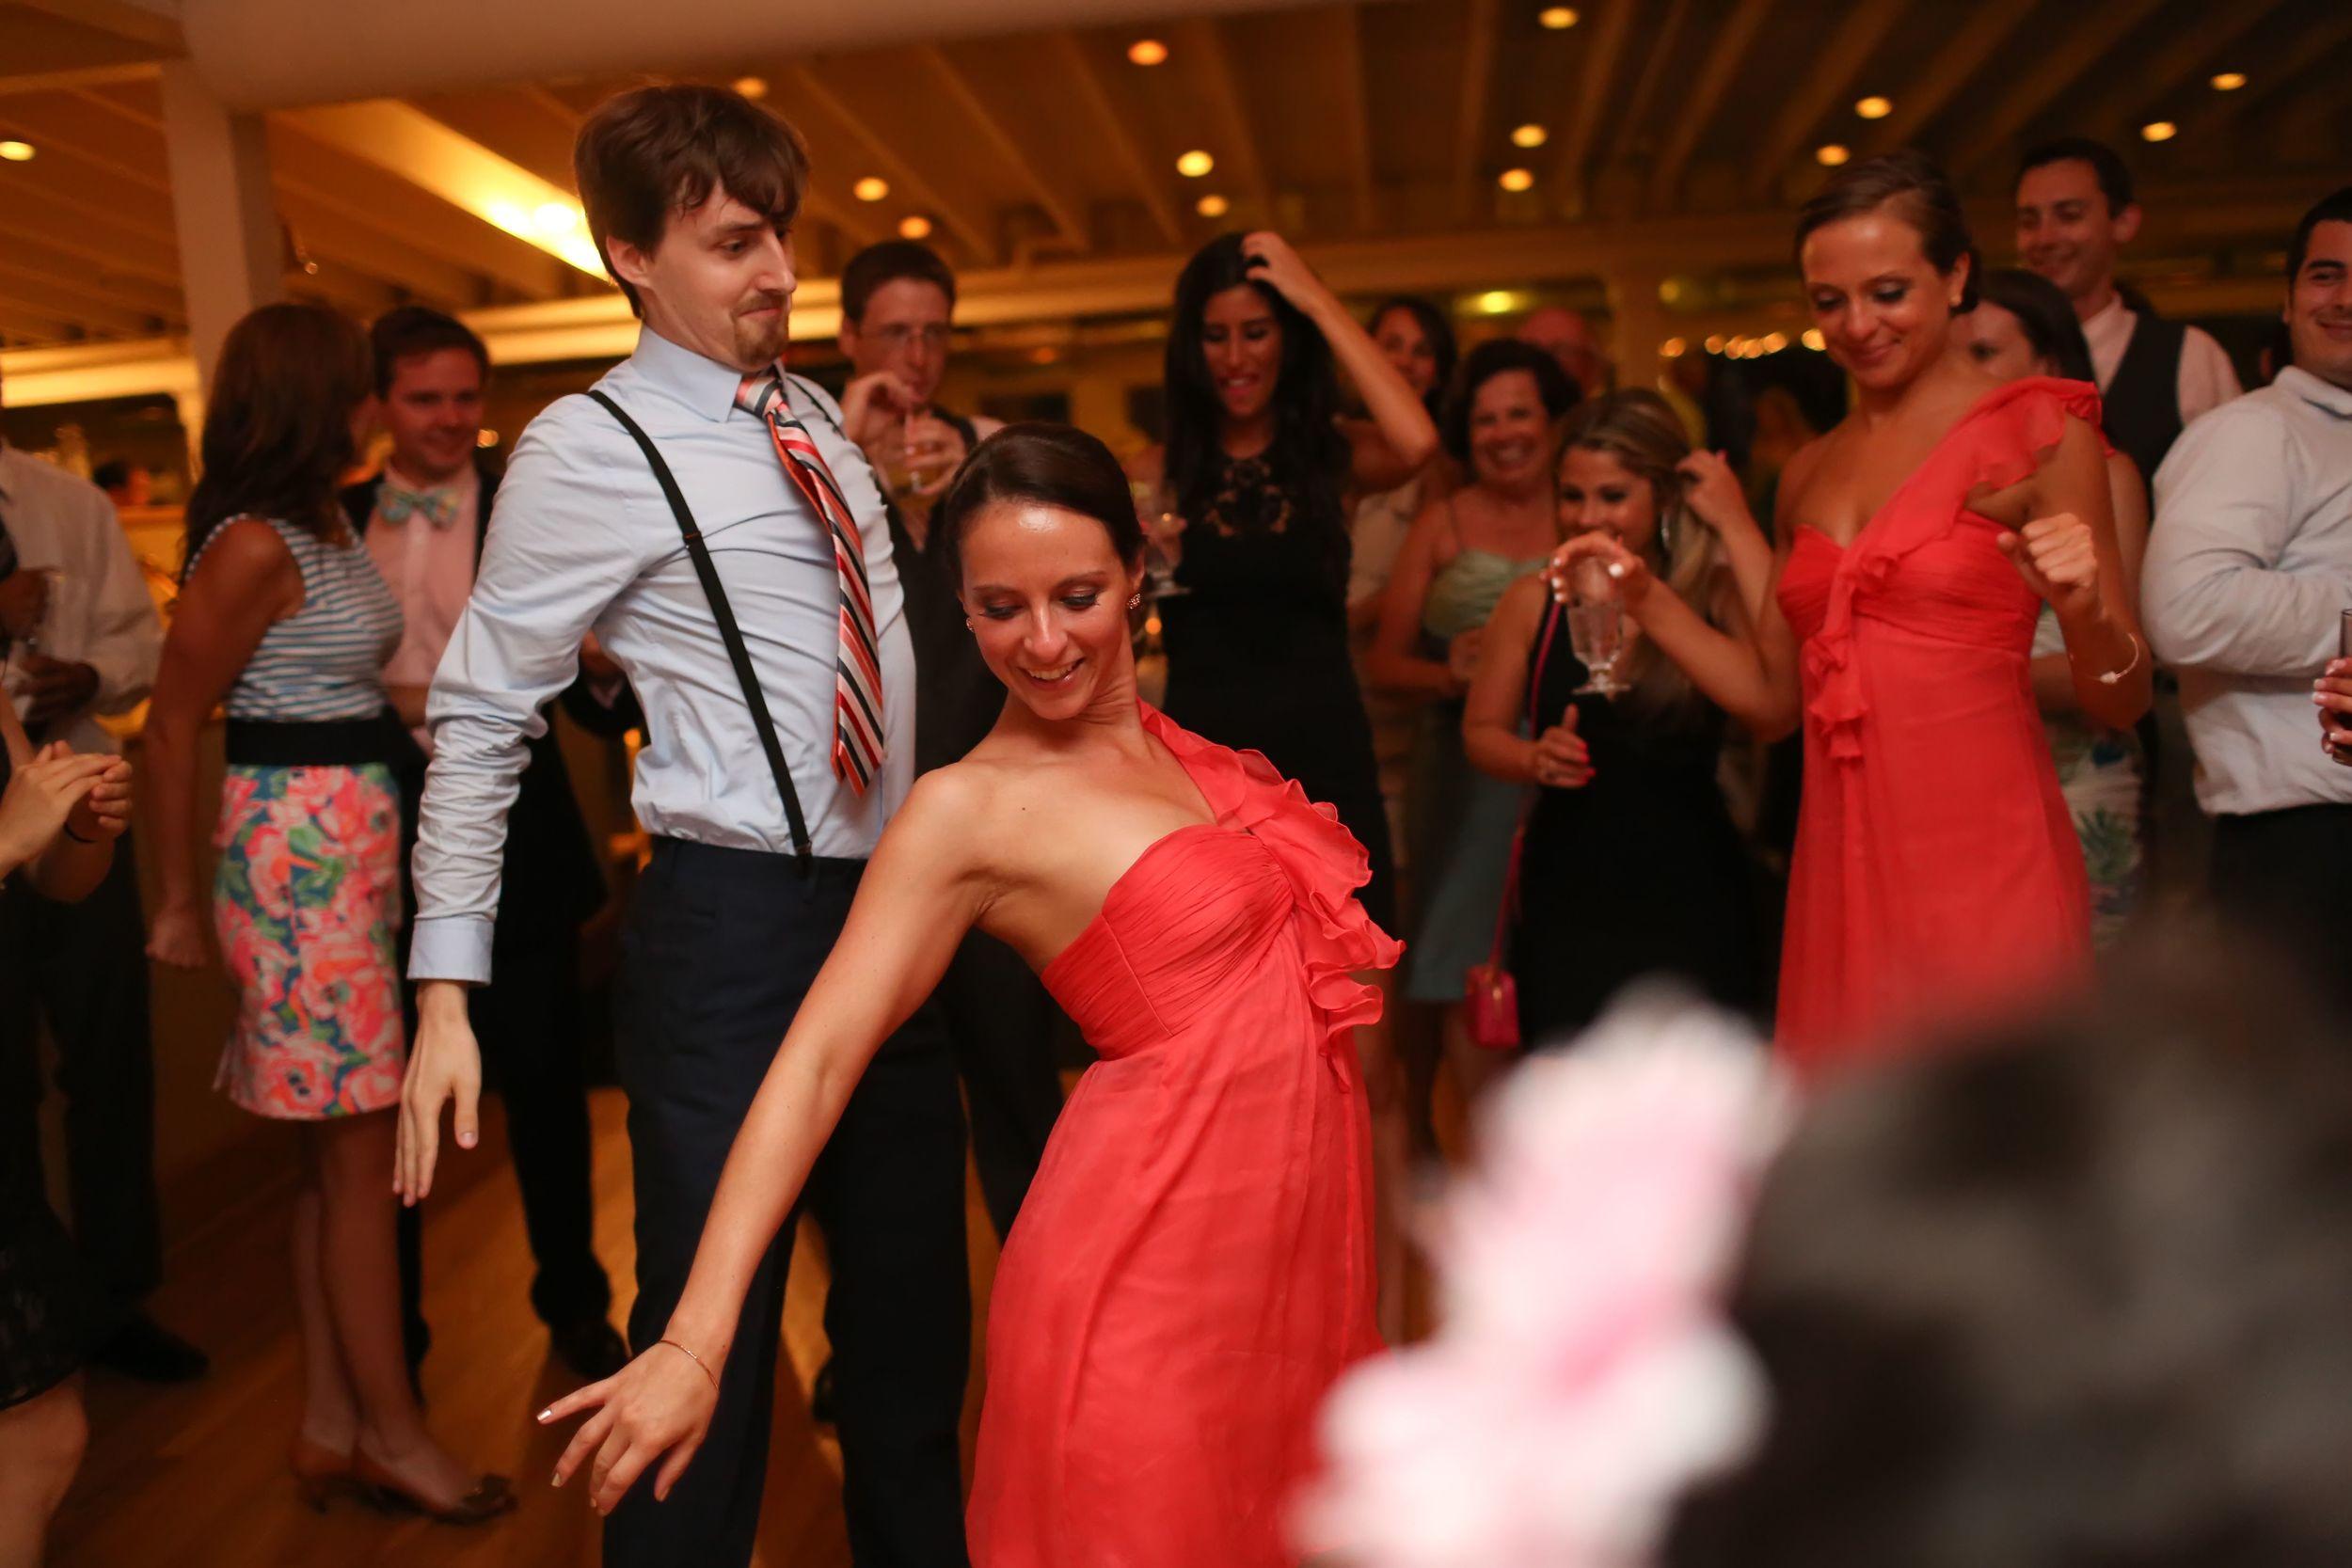 Milford Yacht Club Wedding Fairfield County Wedding Amy Champagne Events58.jpg